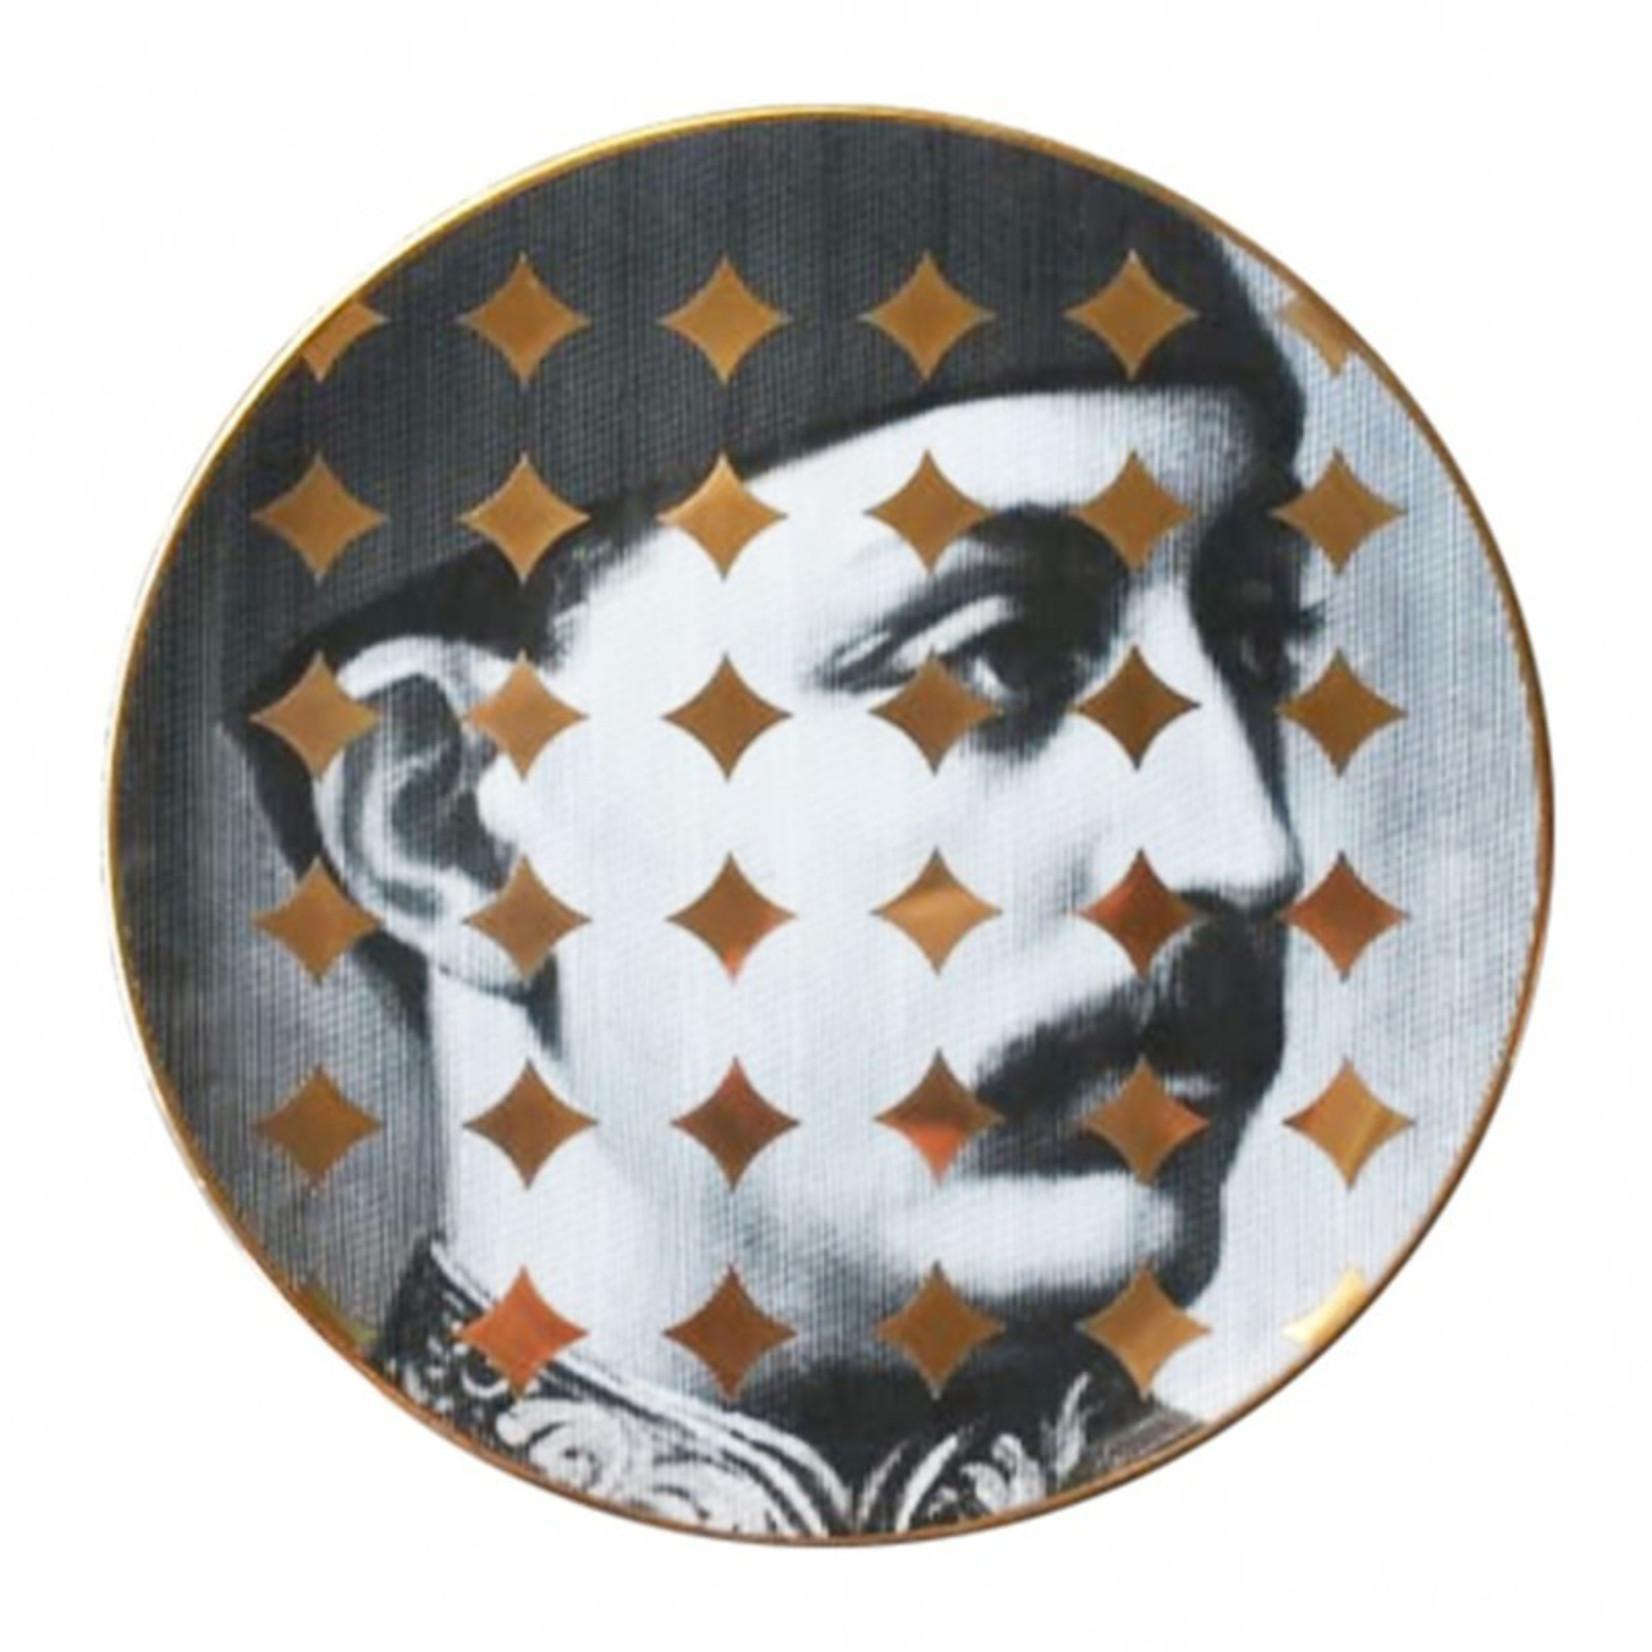 Les Ottoman Sultan Gold